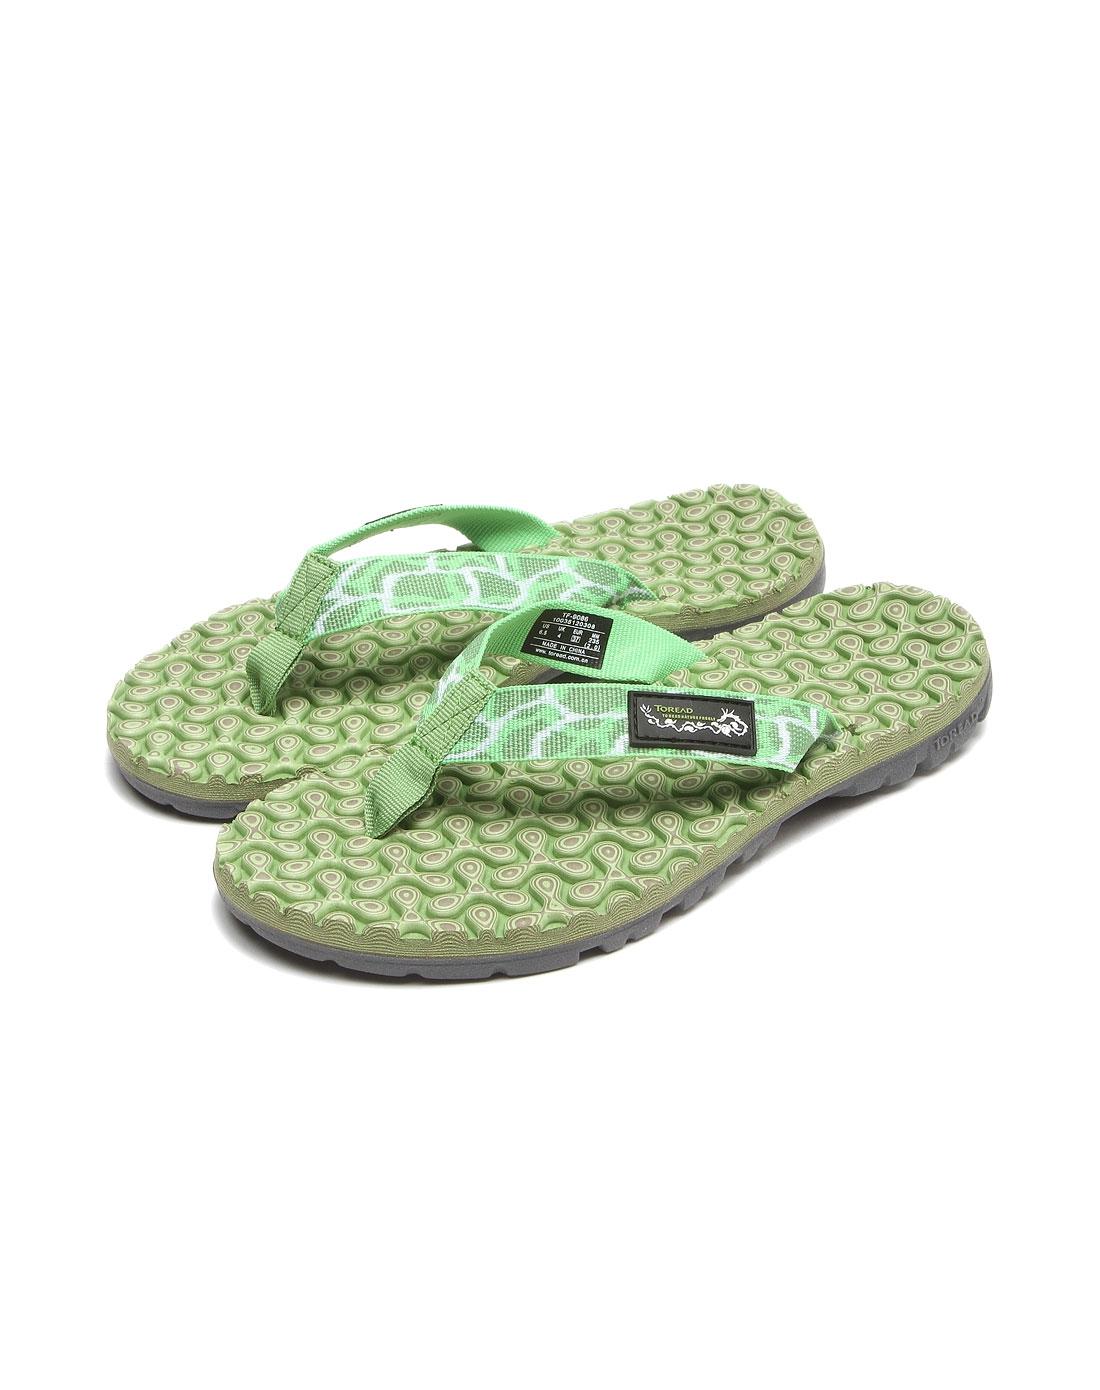 女款立体花纹底绿色舒适拖鞋